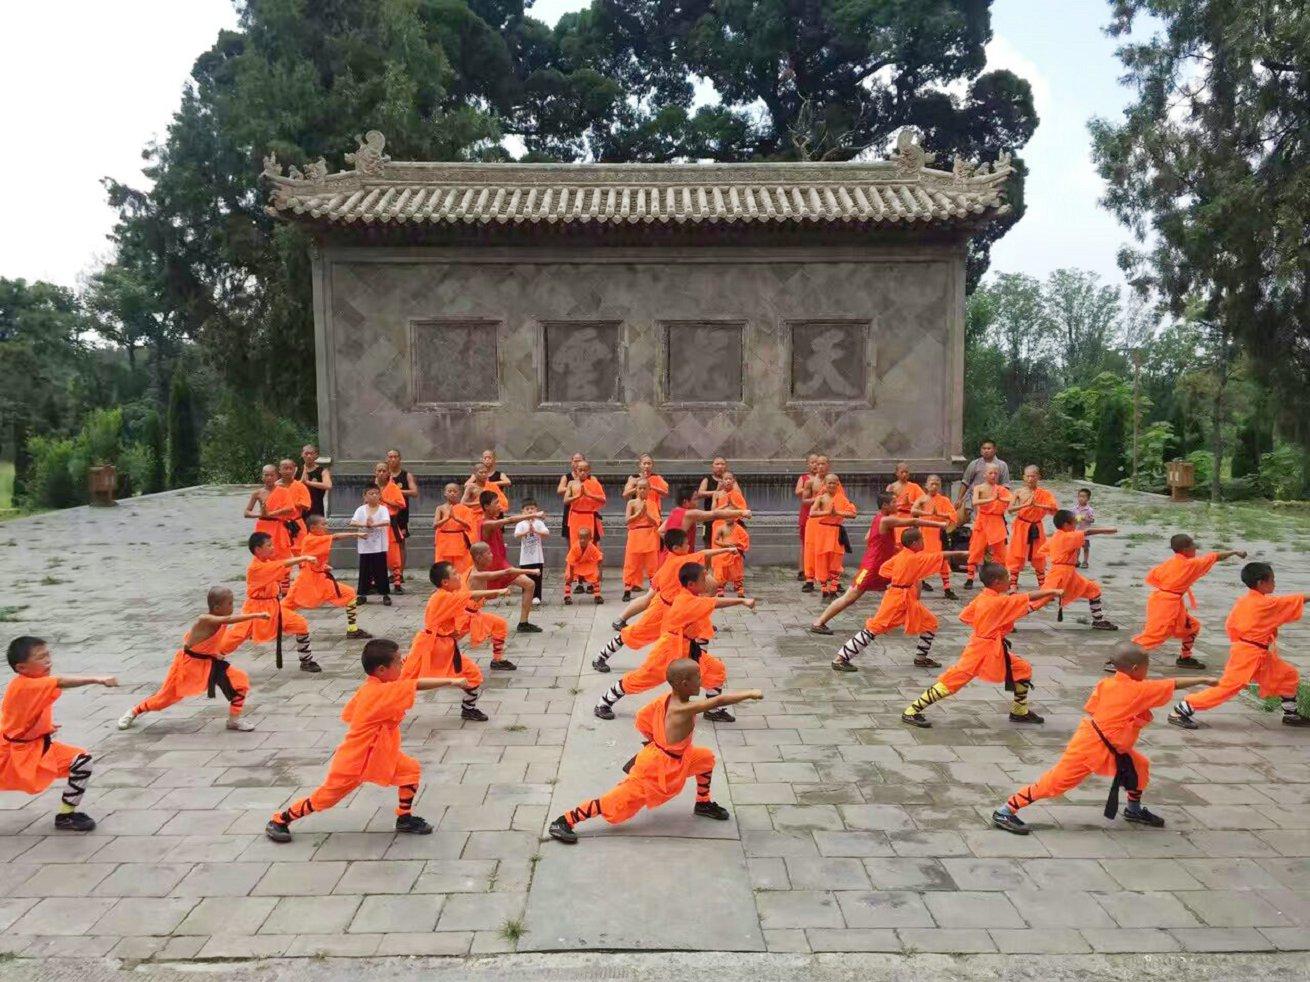 少林功夫-嵩山武术暑假班招生哪家比较专业,成人学武术有什么好处